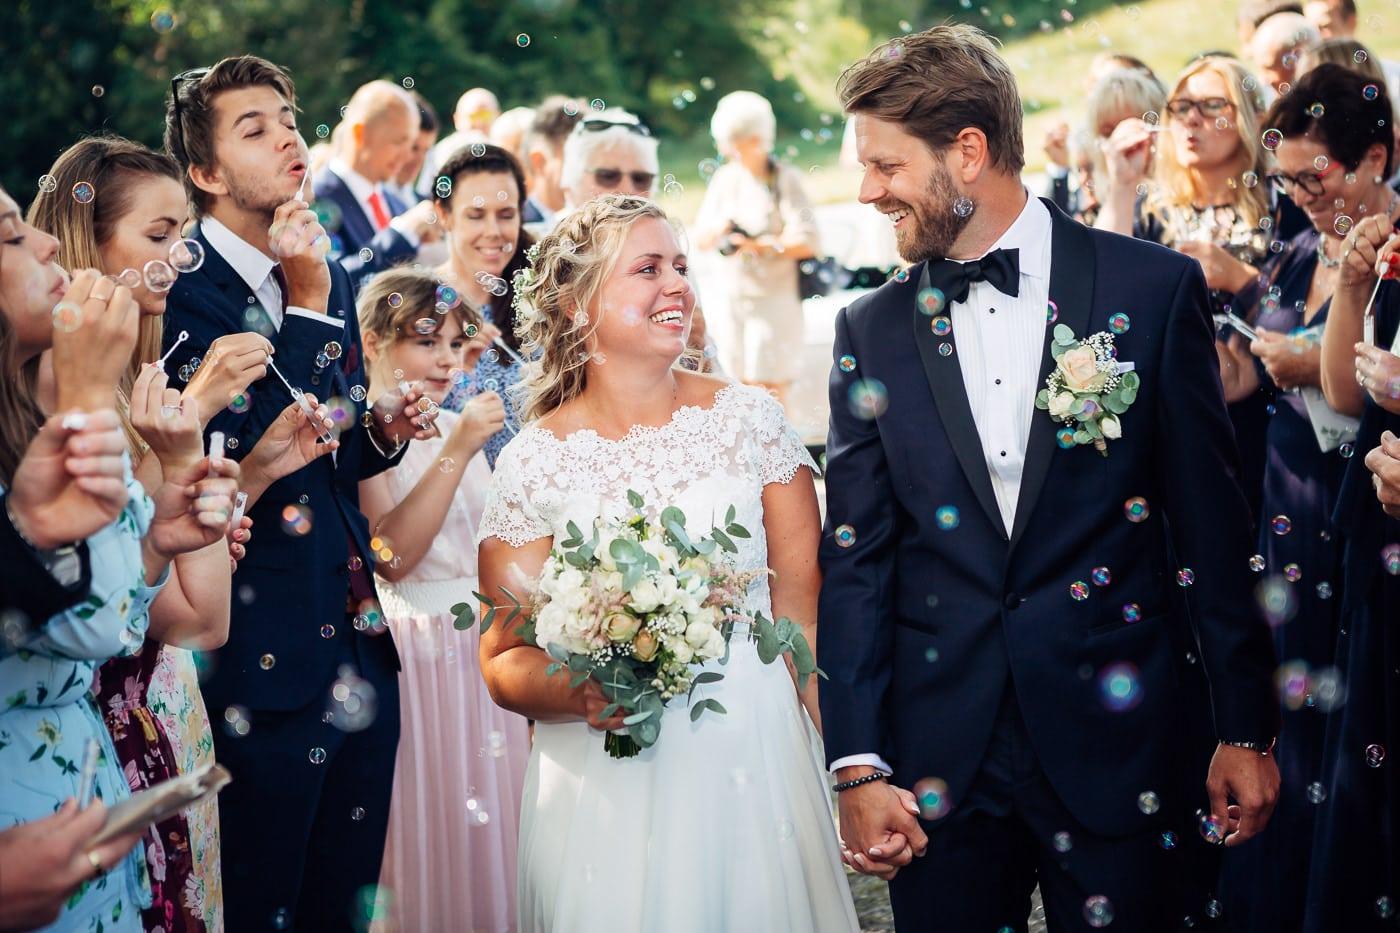 Linn & Frank - rørende og vakkert låvebryllup i Minnesund Bryllupsbilder Minnesund Eidsvoll 29 Brudepar